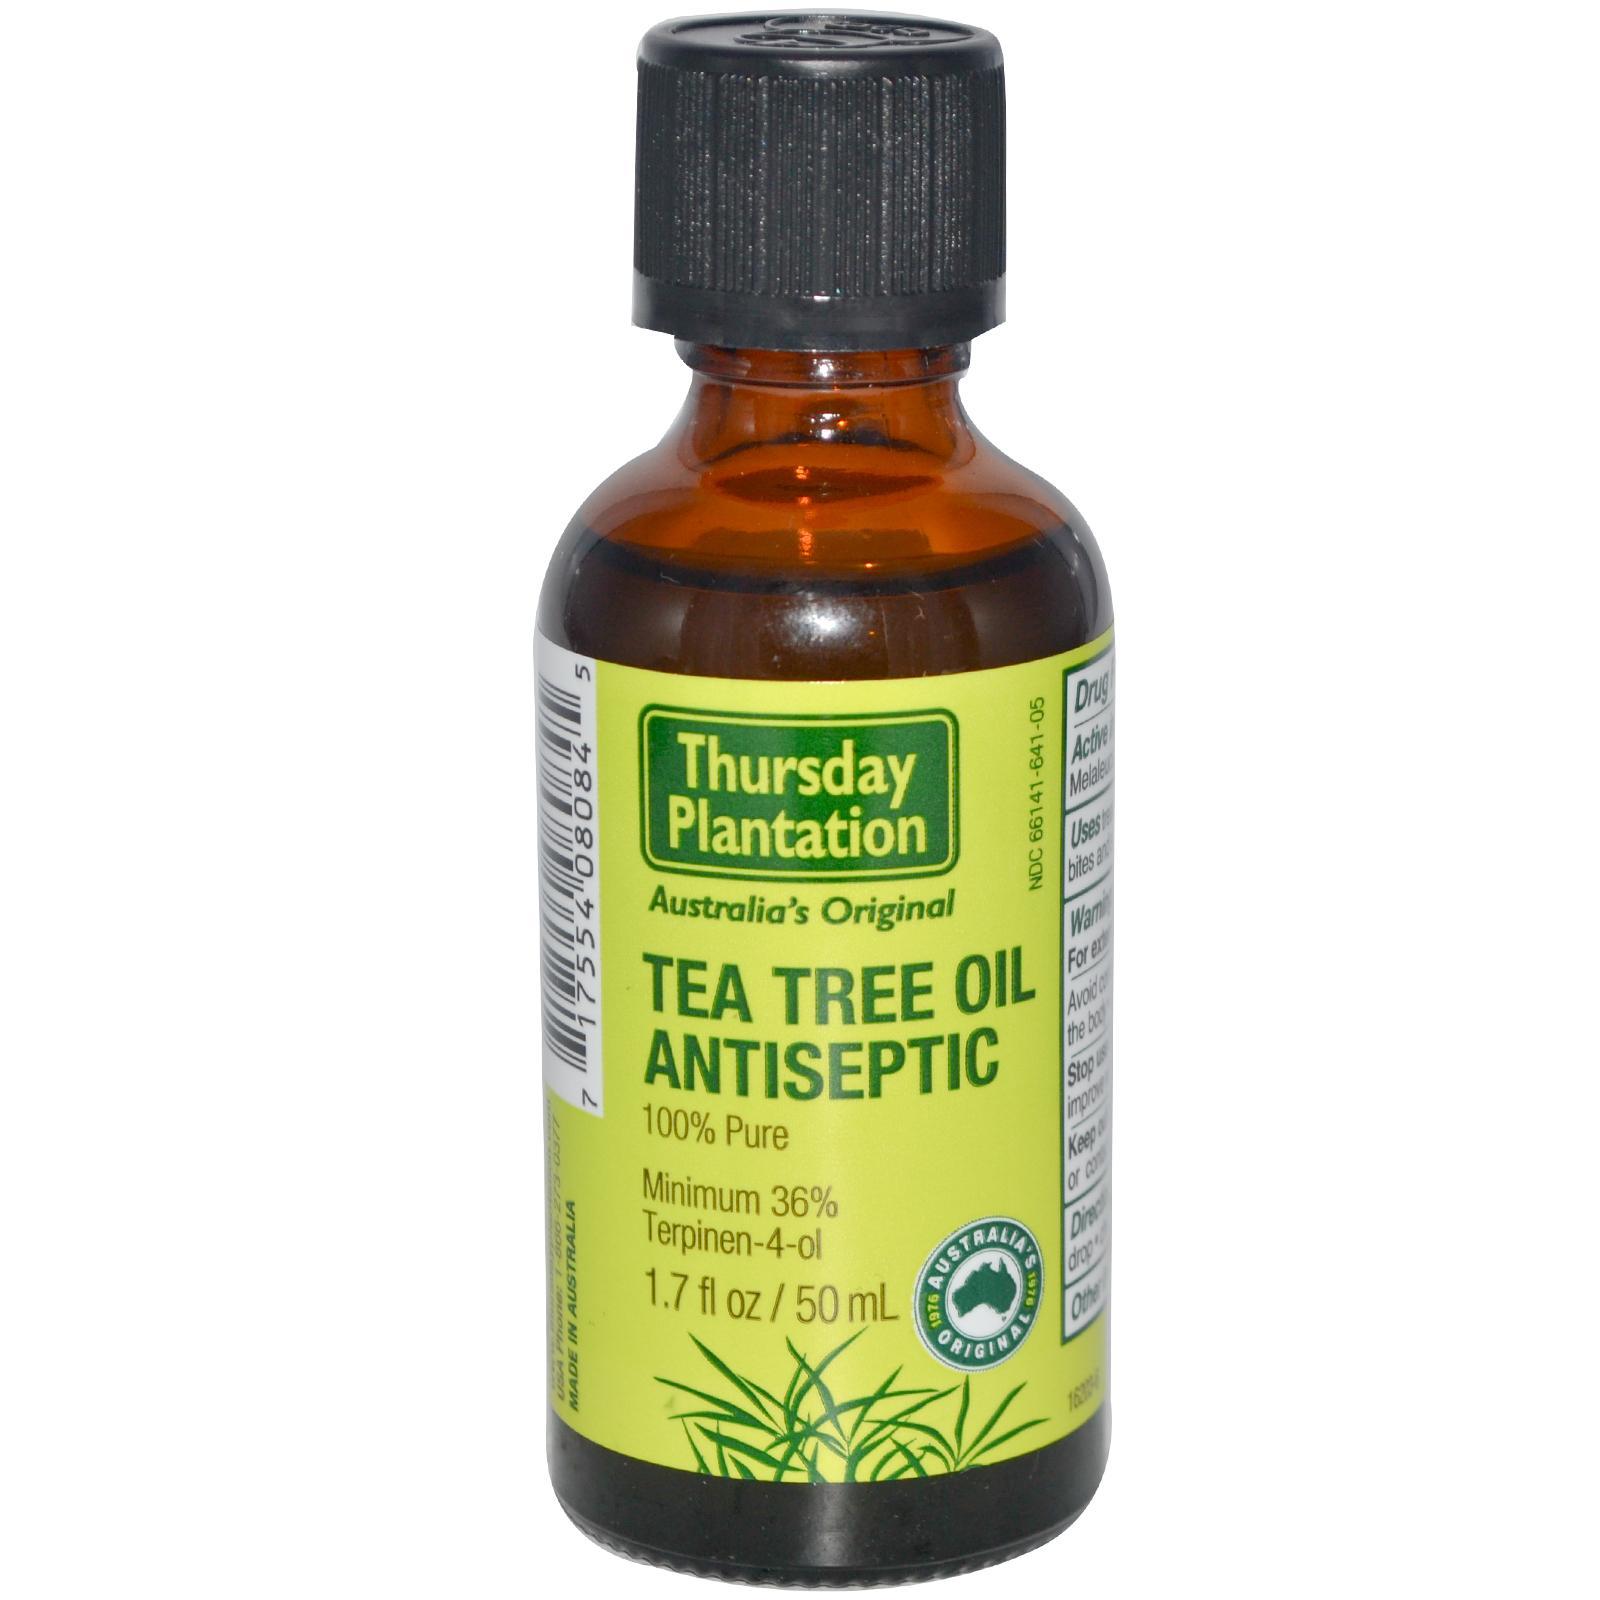 Is tea tree oil an antiseptic